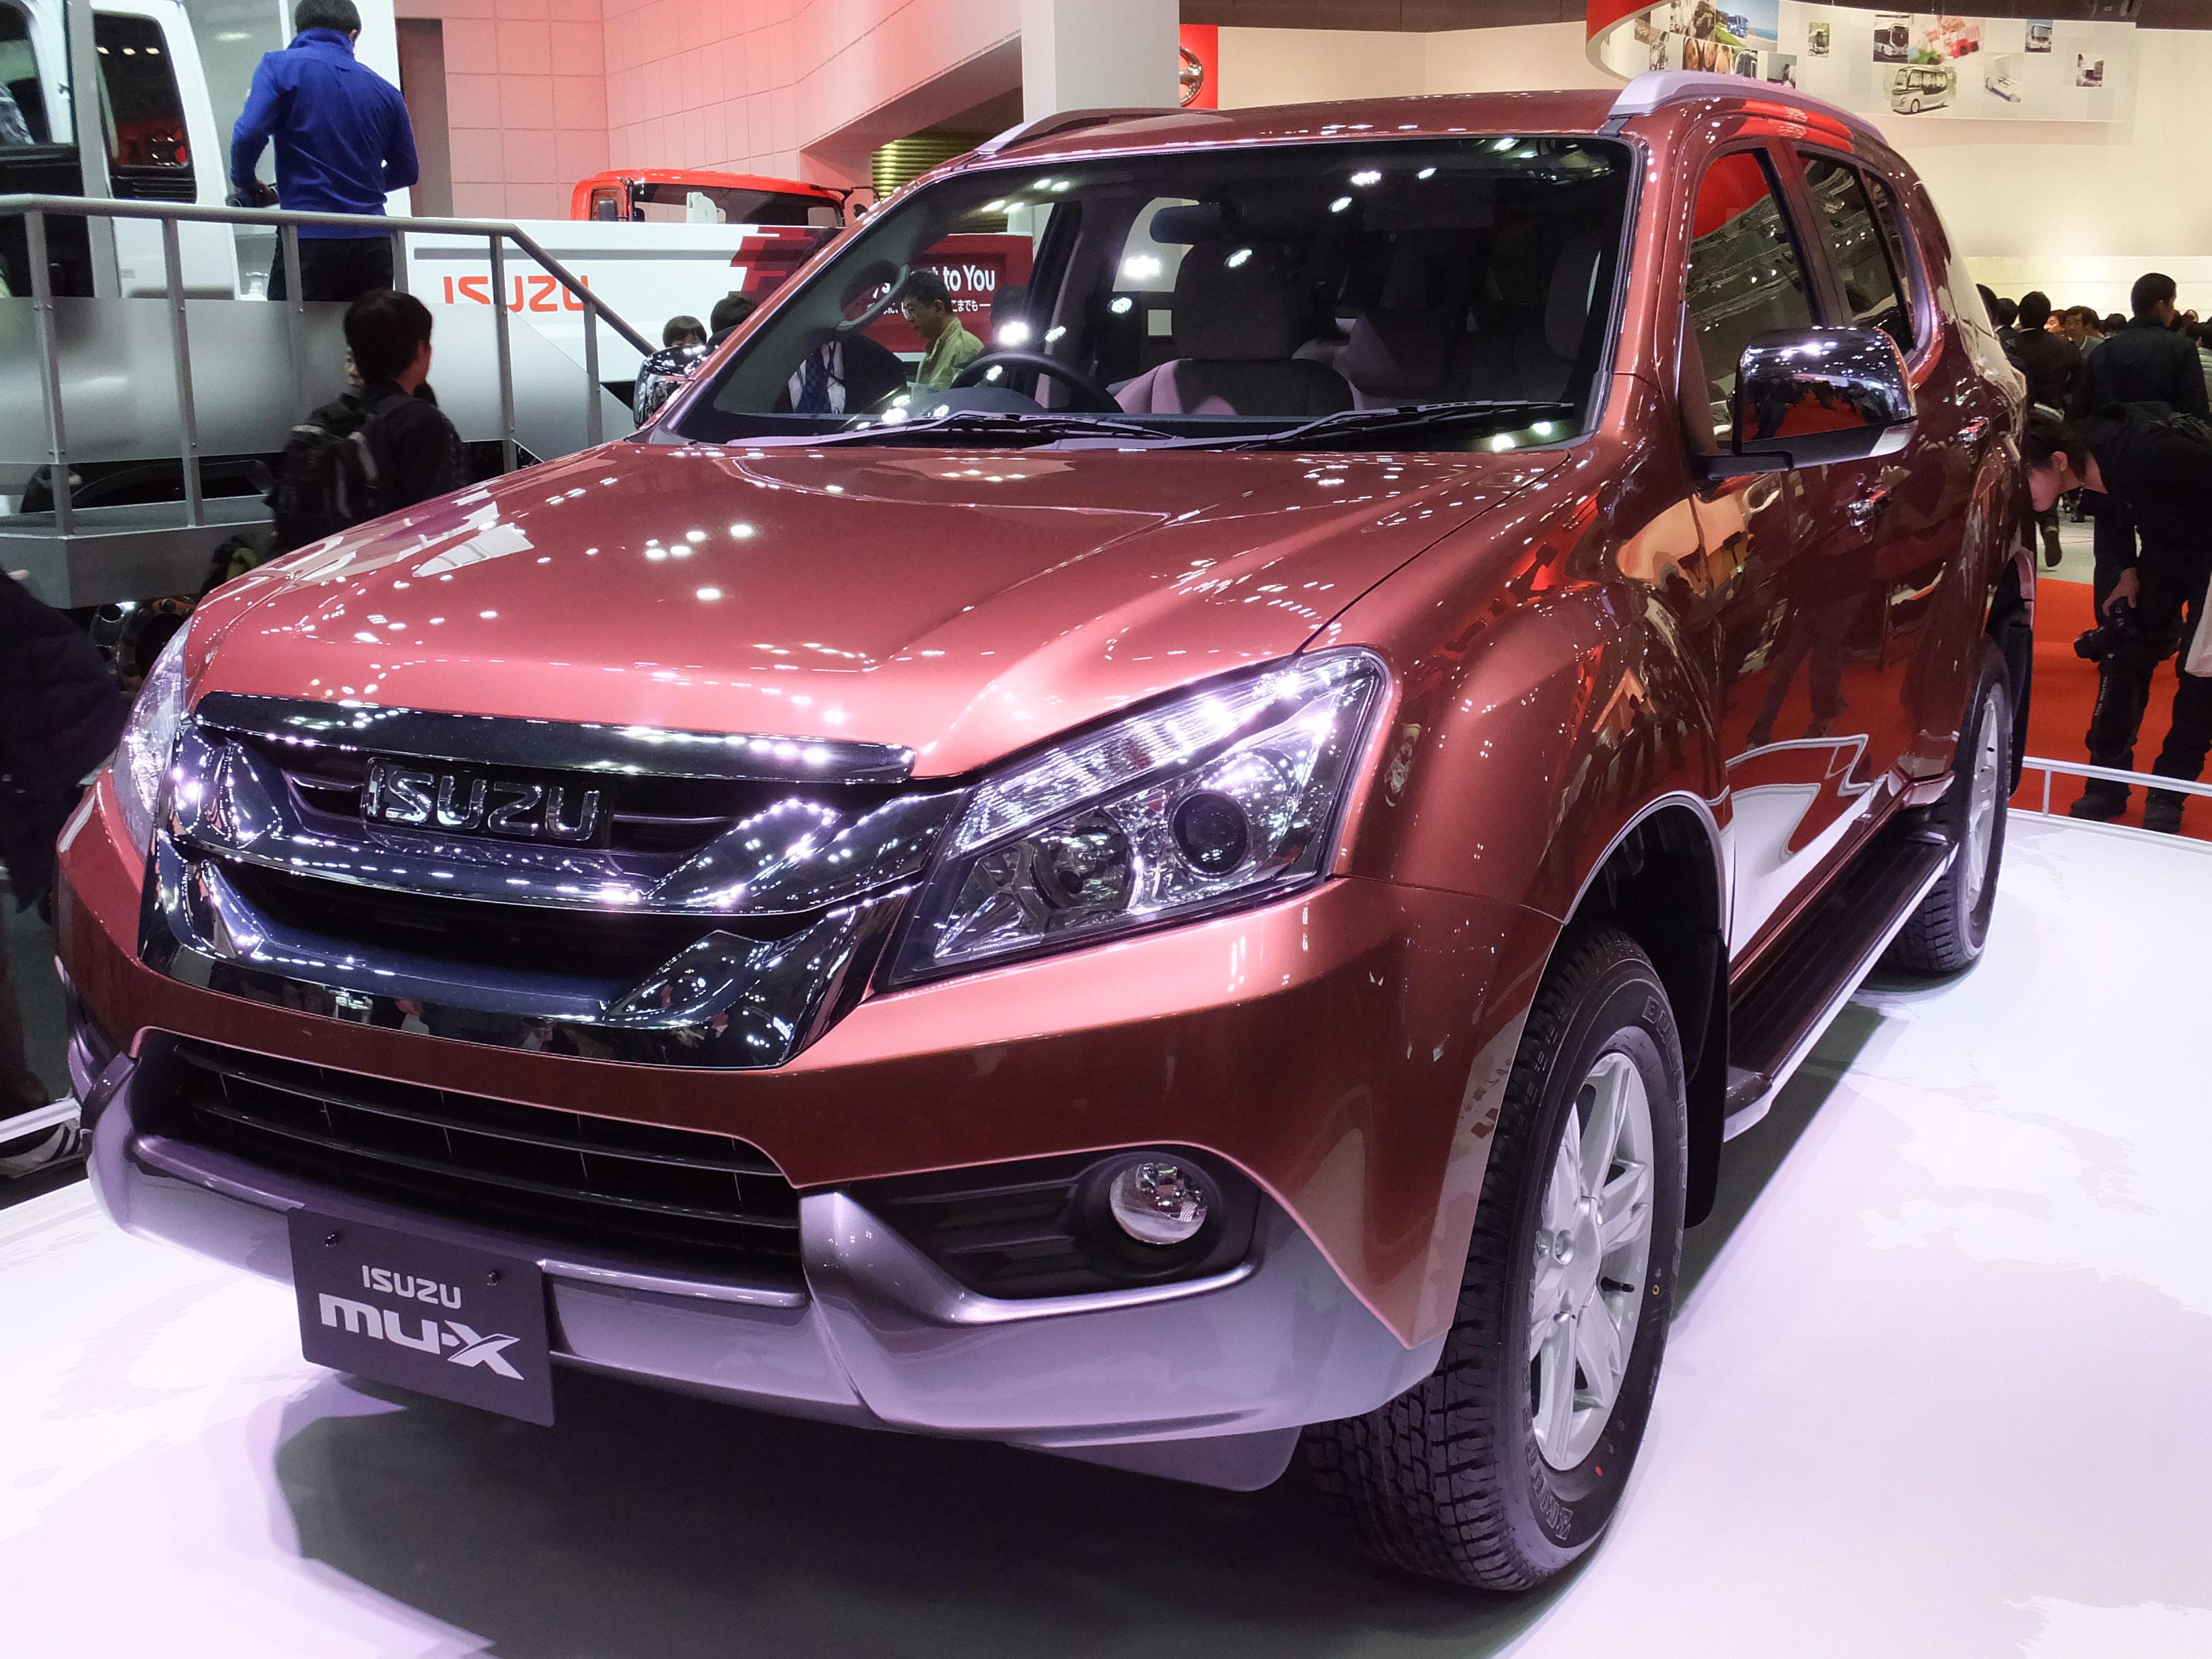 ... isuzu mu x 2014 philippines html car review specs price and isuzu mu